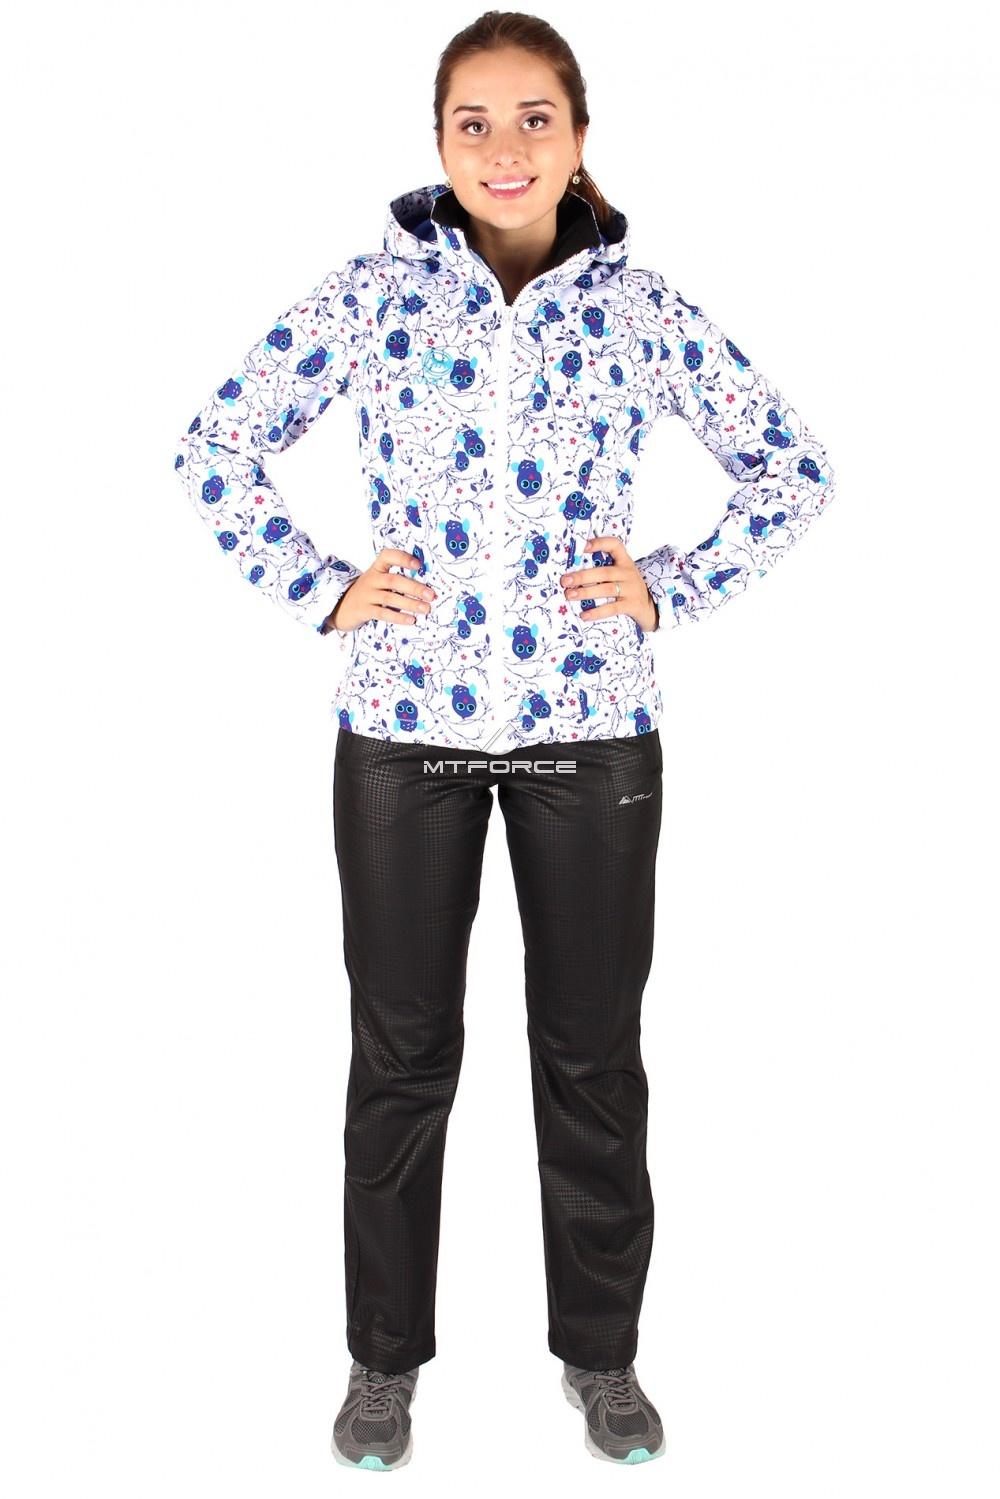 Китайская одежда интернет магазин дешево доставка